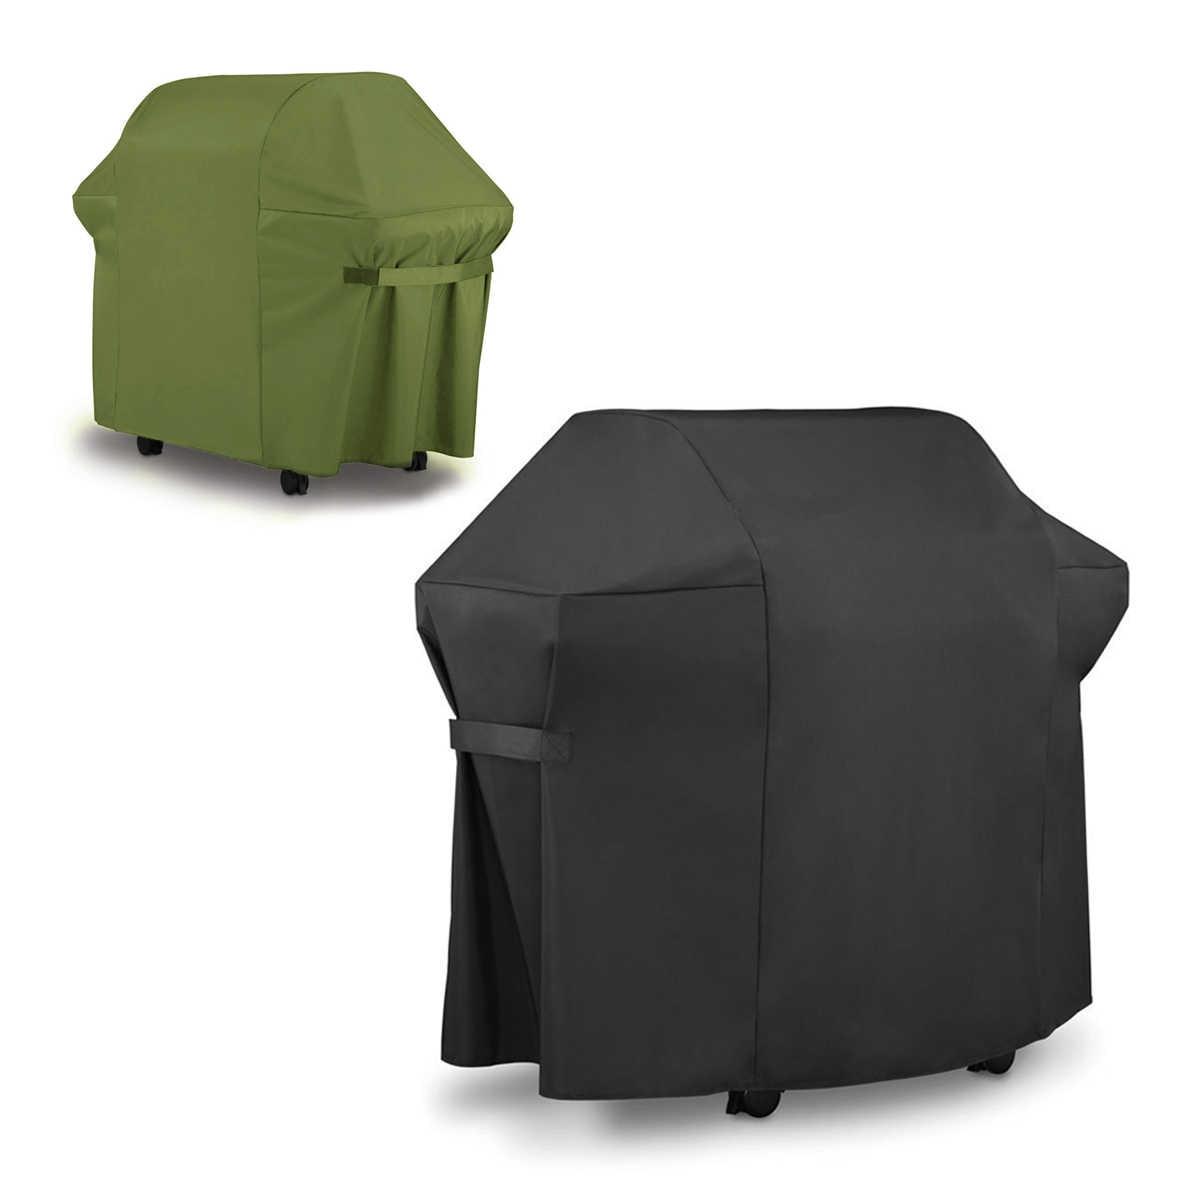 防水バーベキューグリルカバーバーベキューストーブ保護カバー防水収納袋アウトドアキャンプバーベキューアクセサリー黒緑